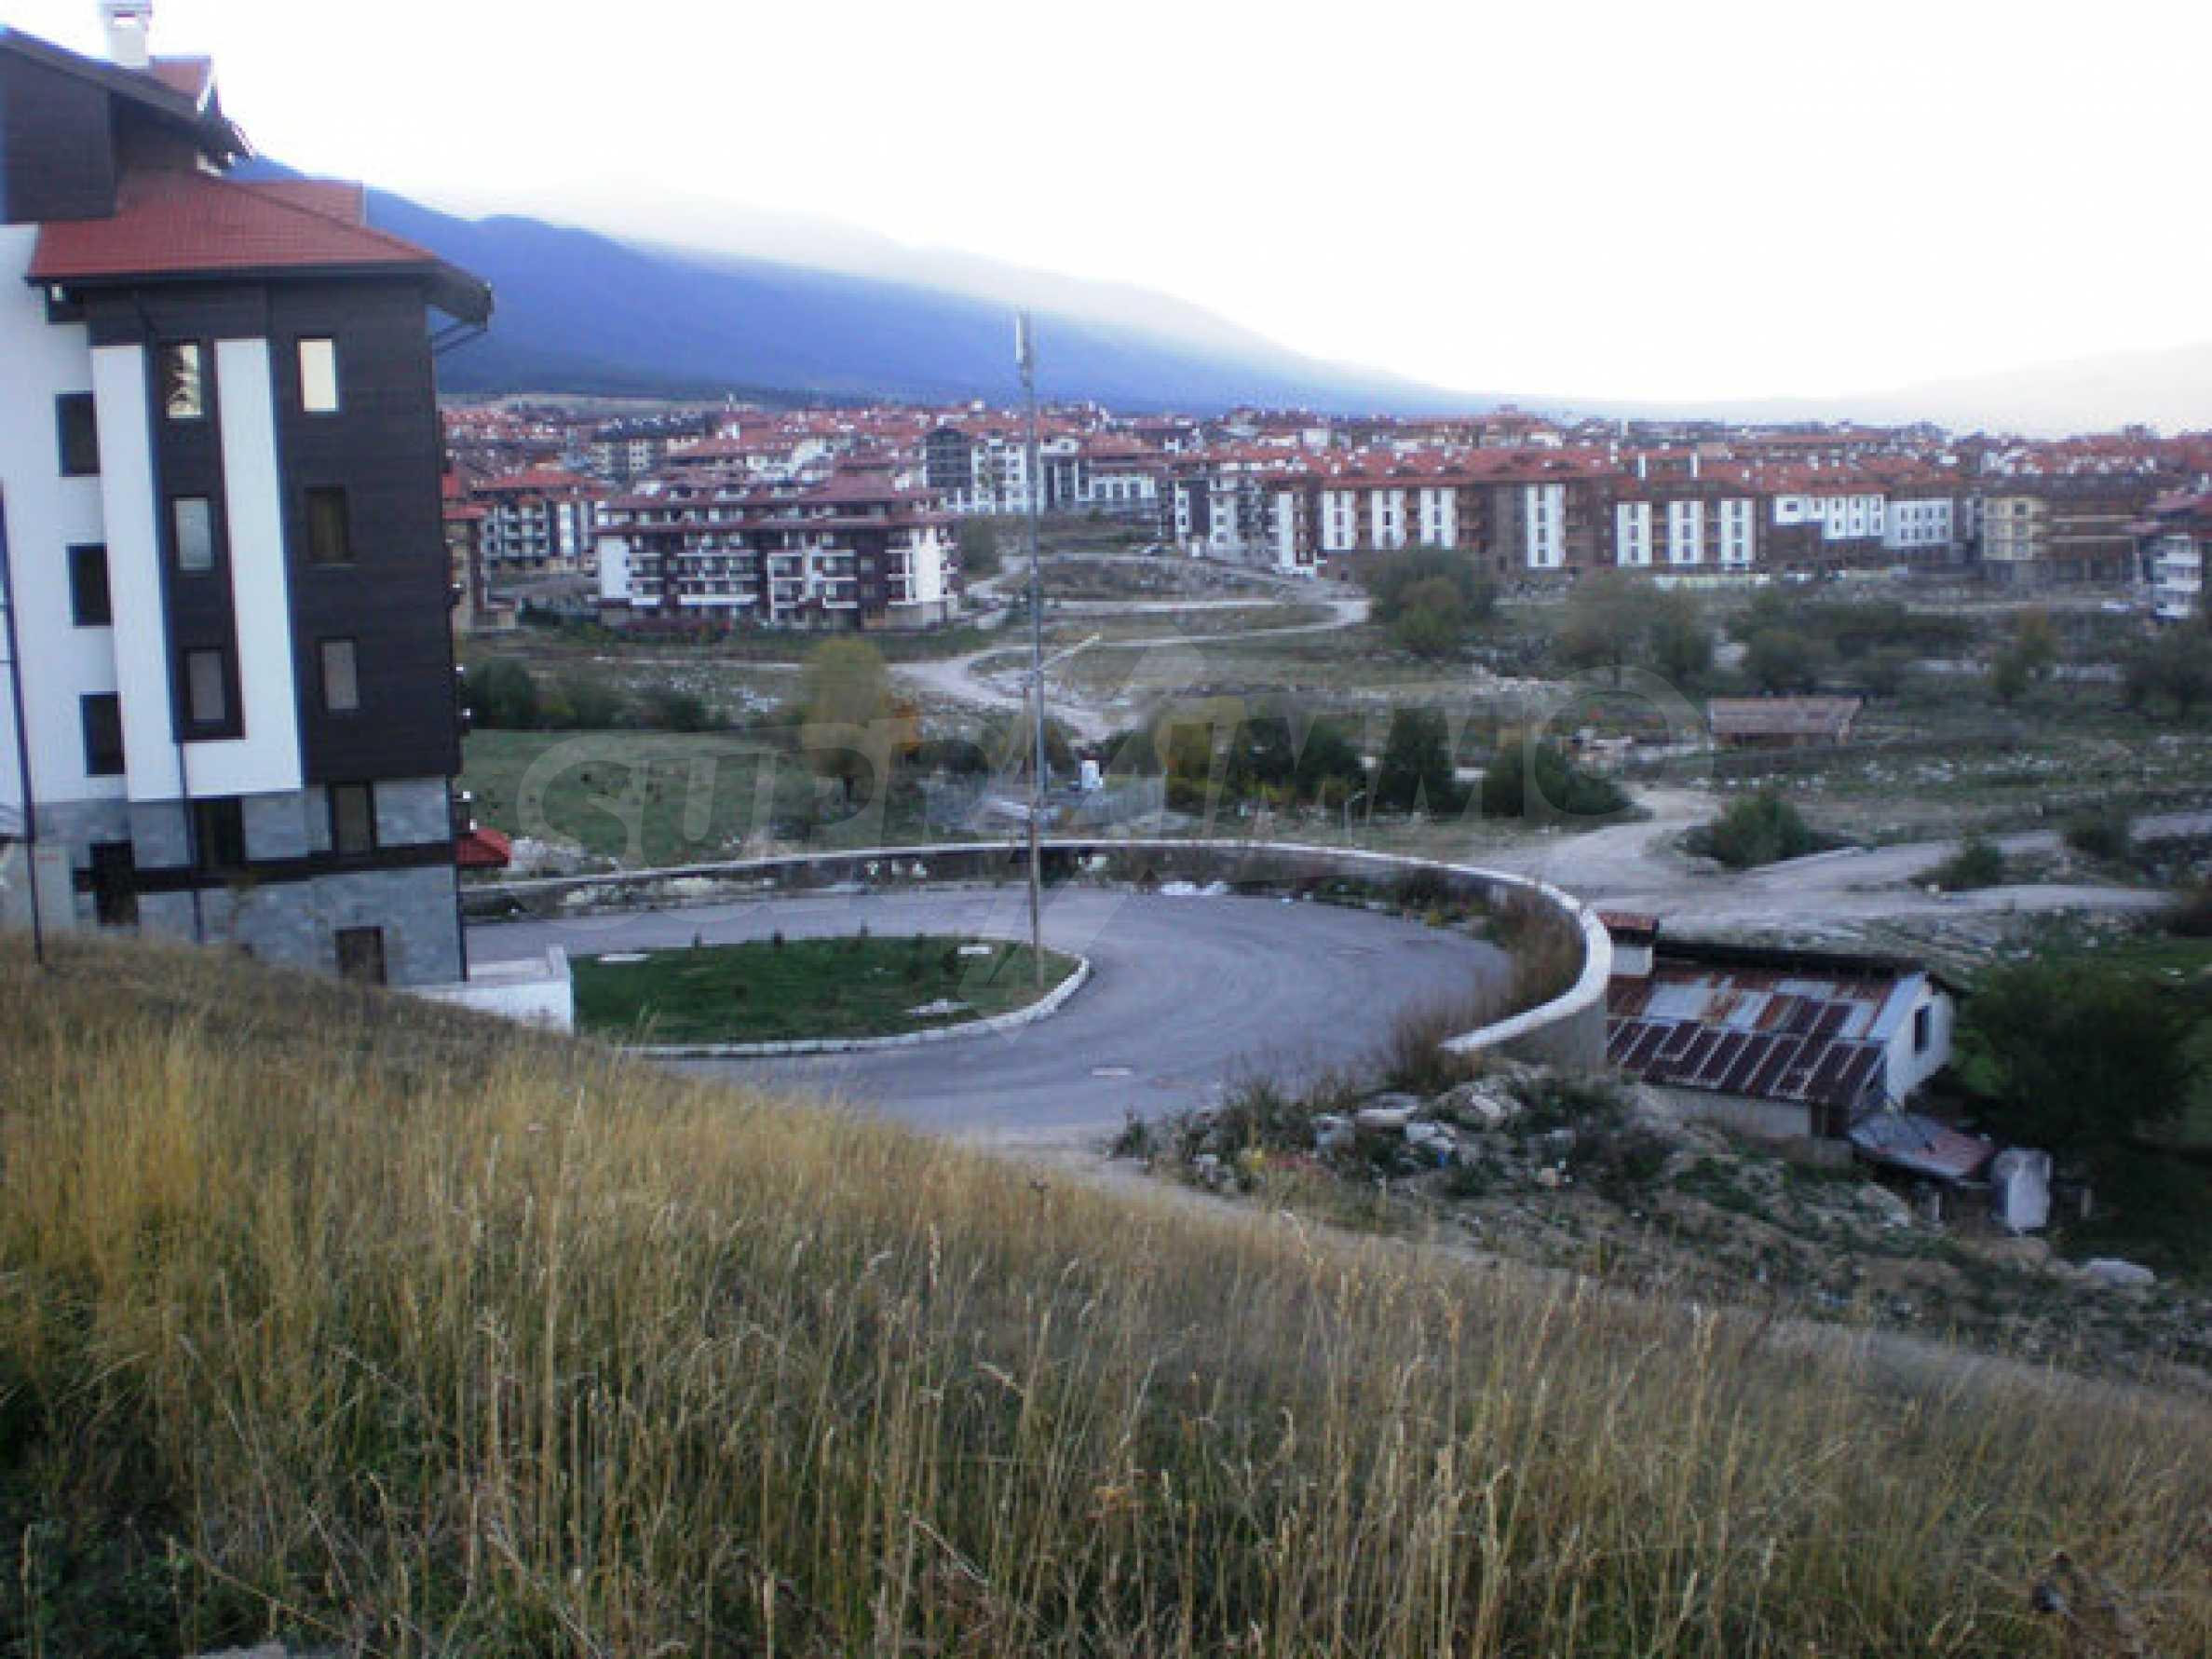 Geregeltes Grundstück mit Investitionsprojekt für den Bau eines Aparthotels in Bansko 16